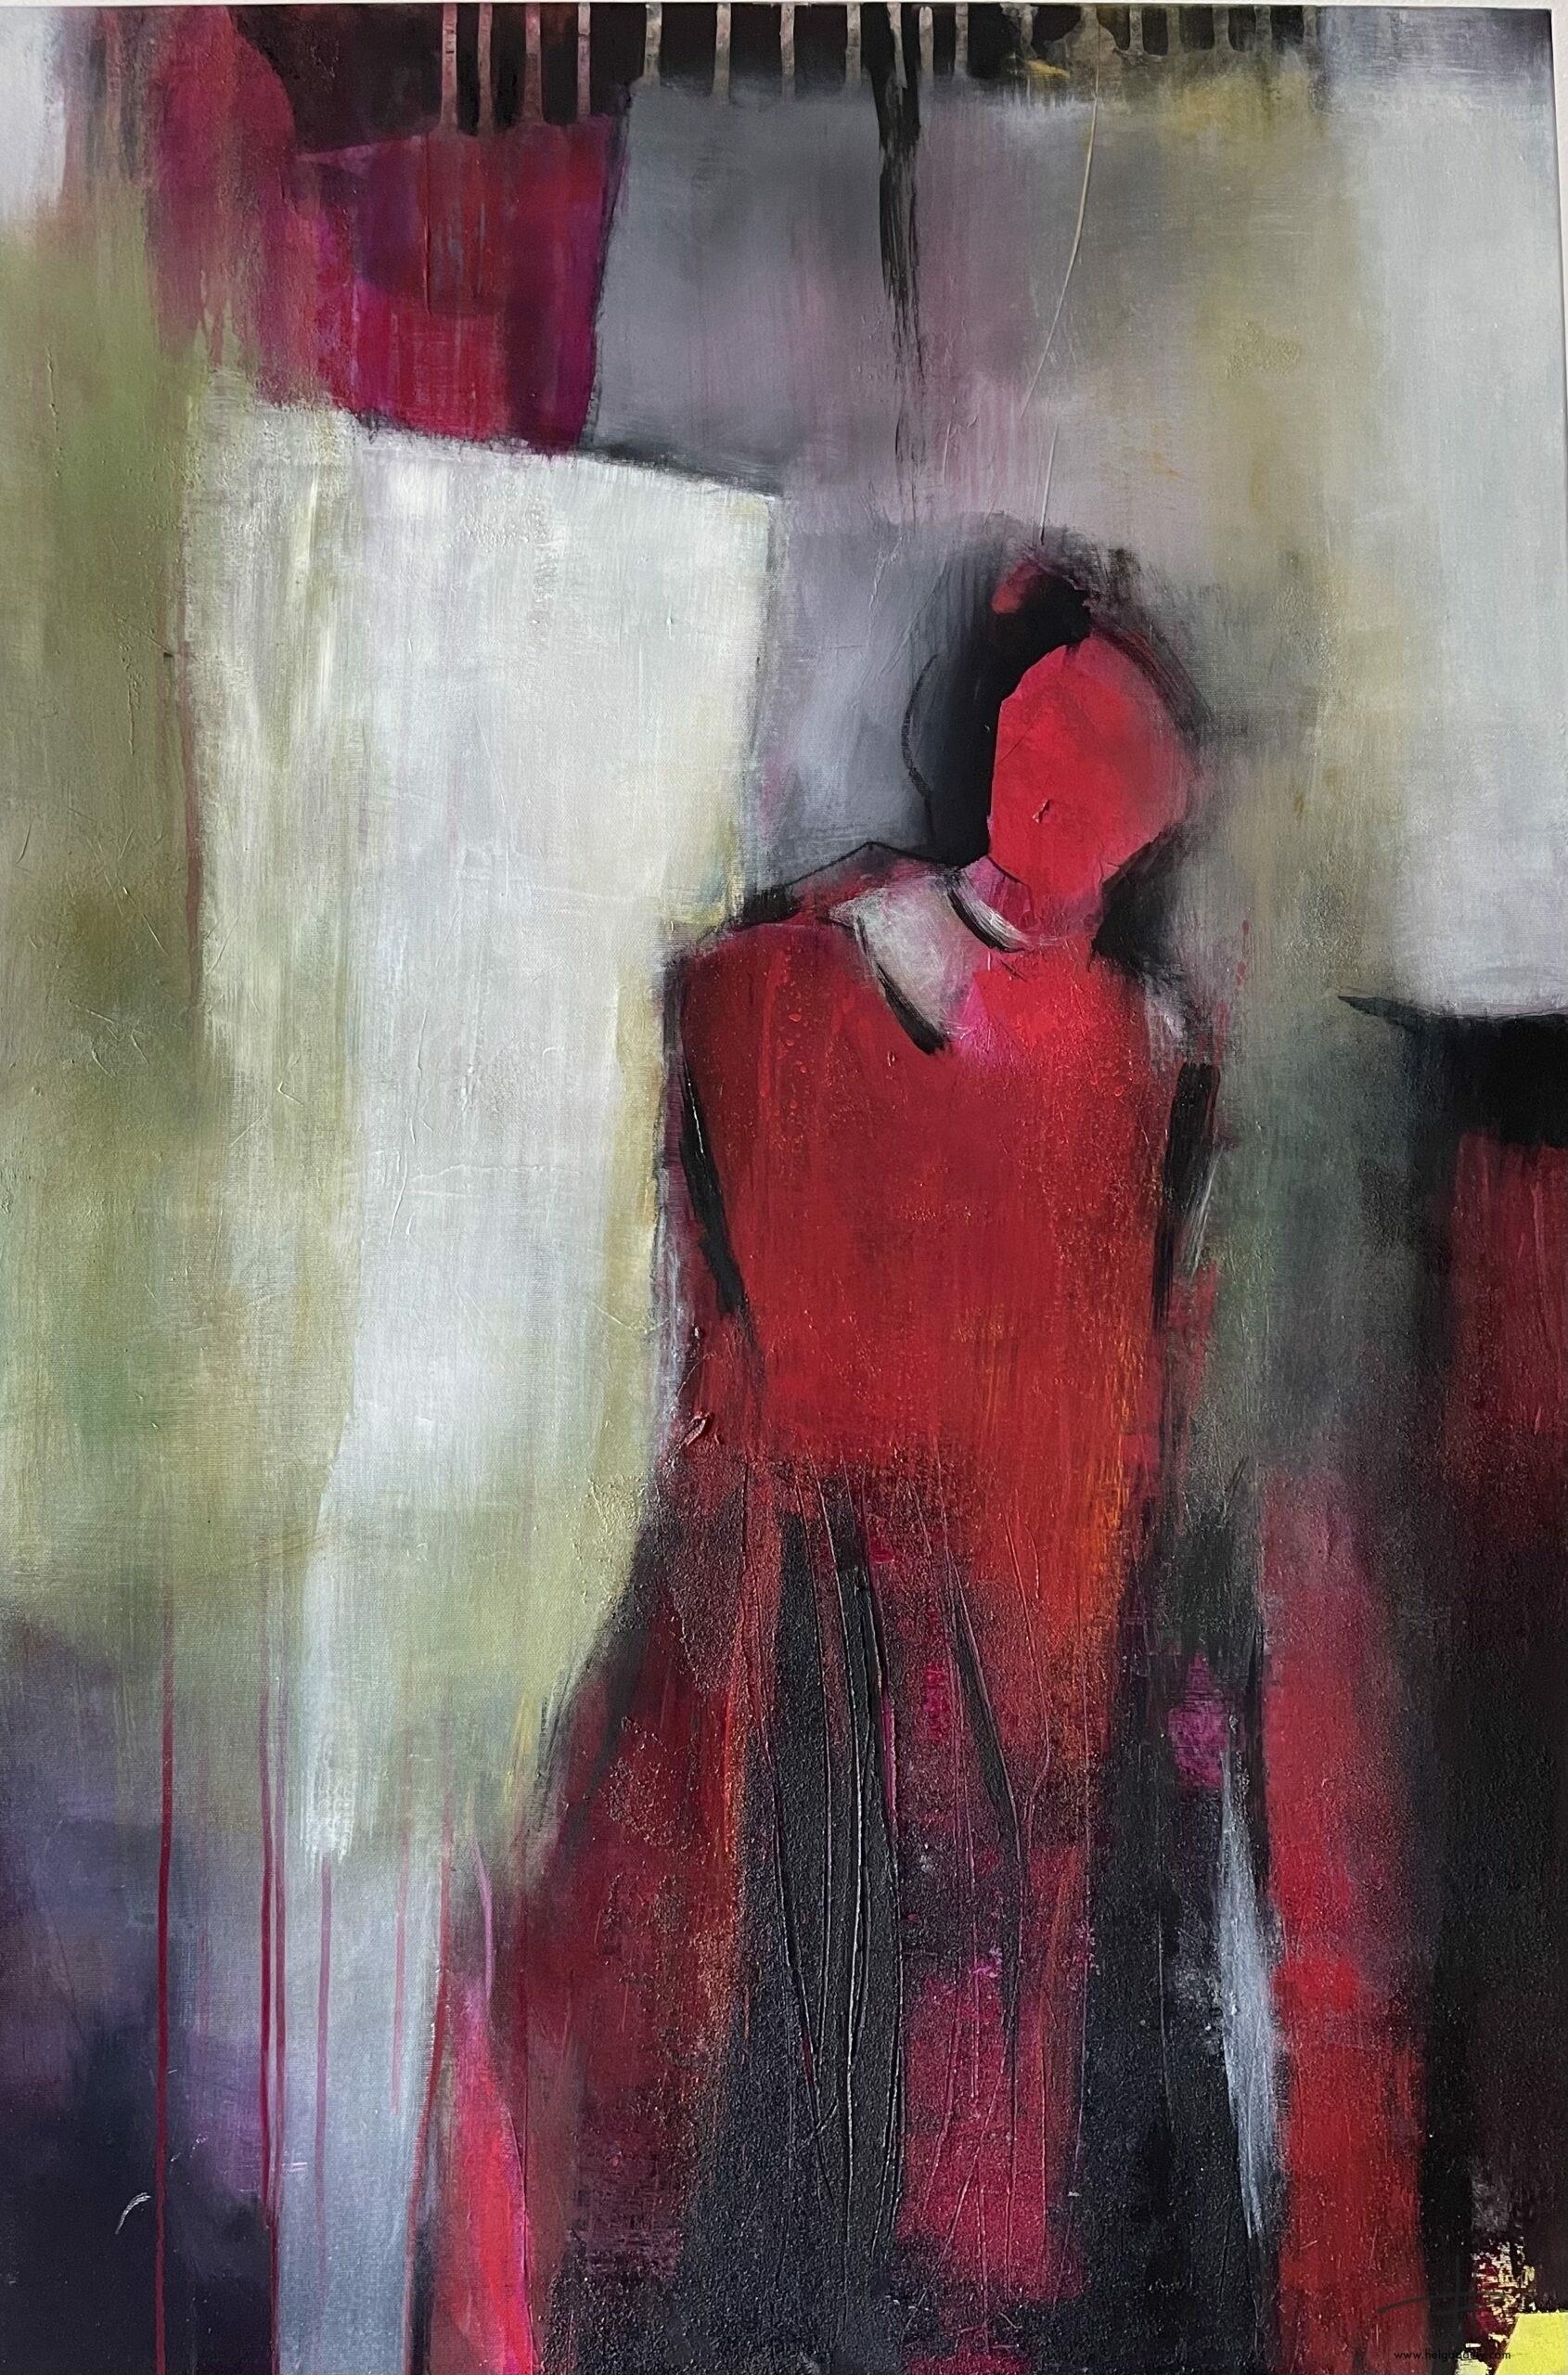 IMG 0116 scaled - Kunst Helga Pauly